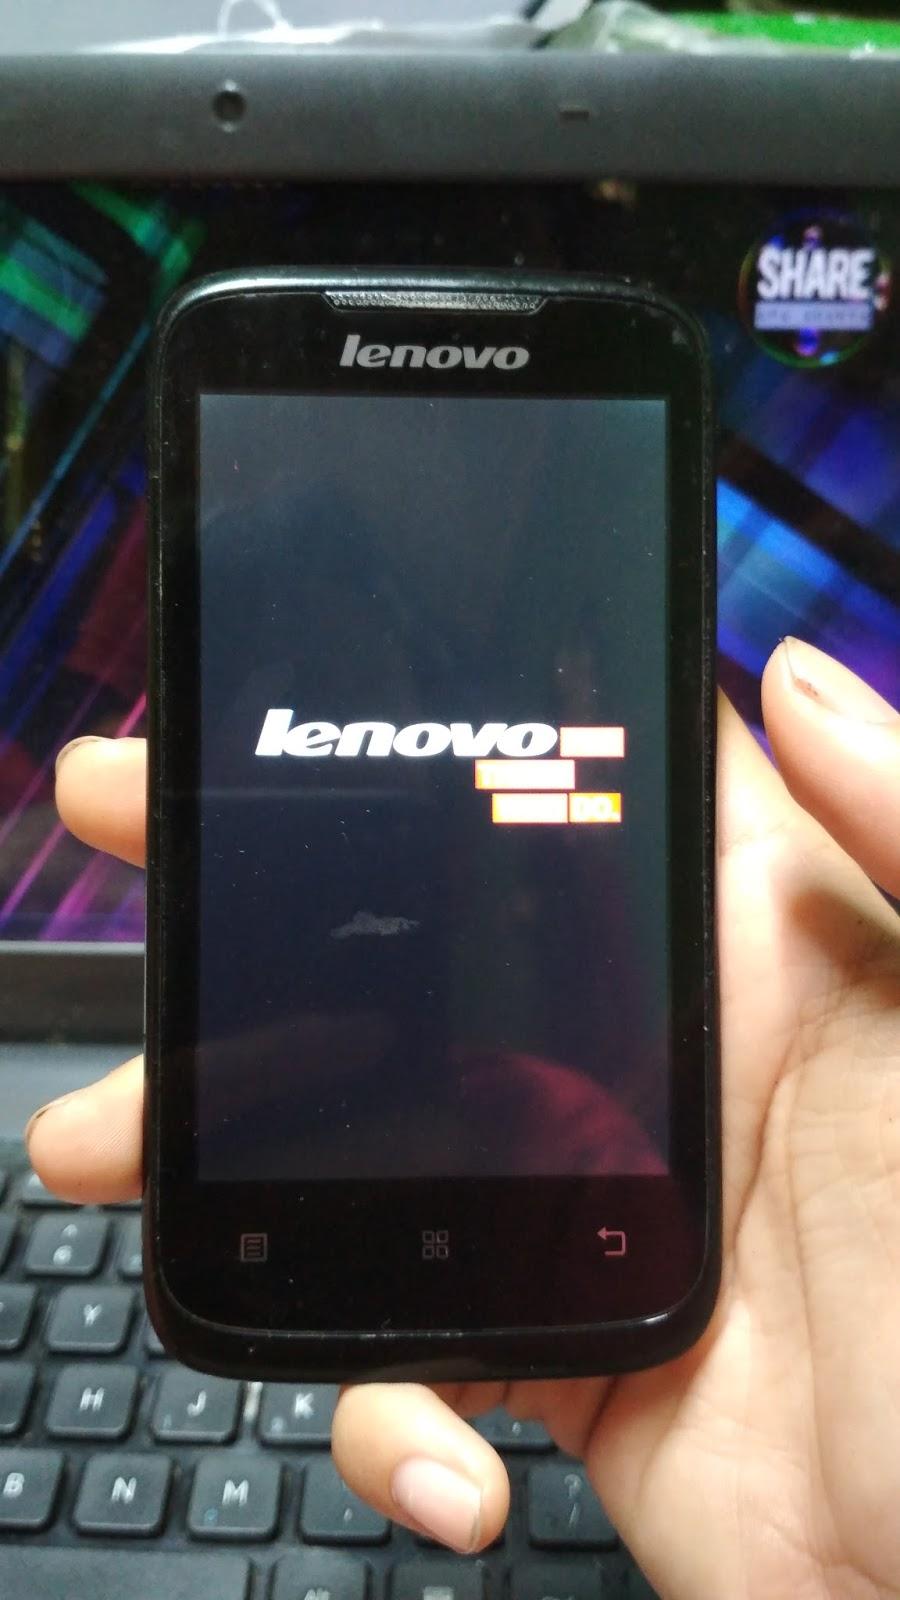 Cara Flash Lenovo A369i : flash, lenovo, a369i, Flash, Lenovo, A369i, Dengan, Things~, GadgetSAA